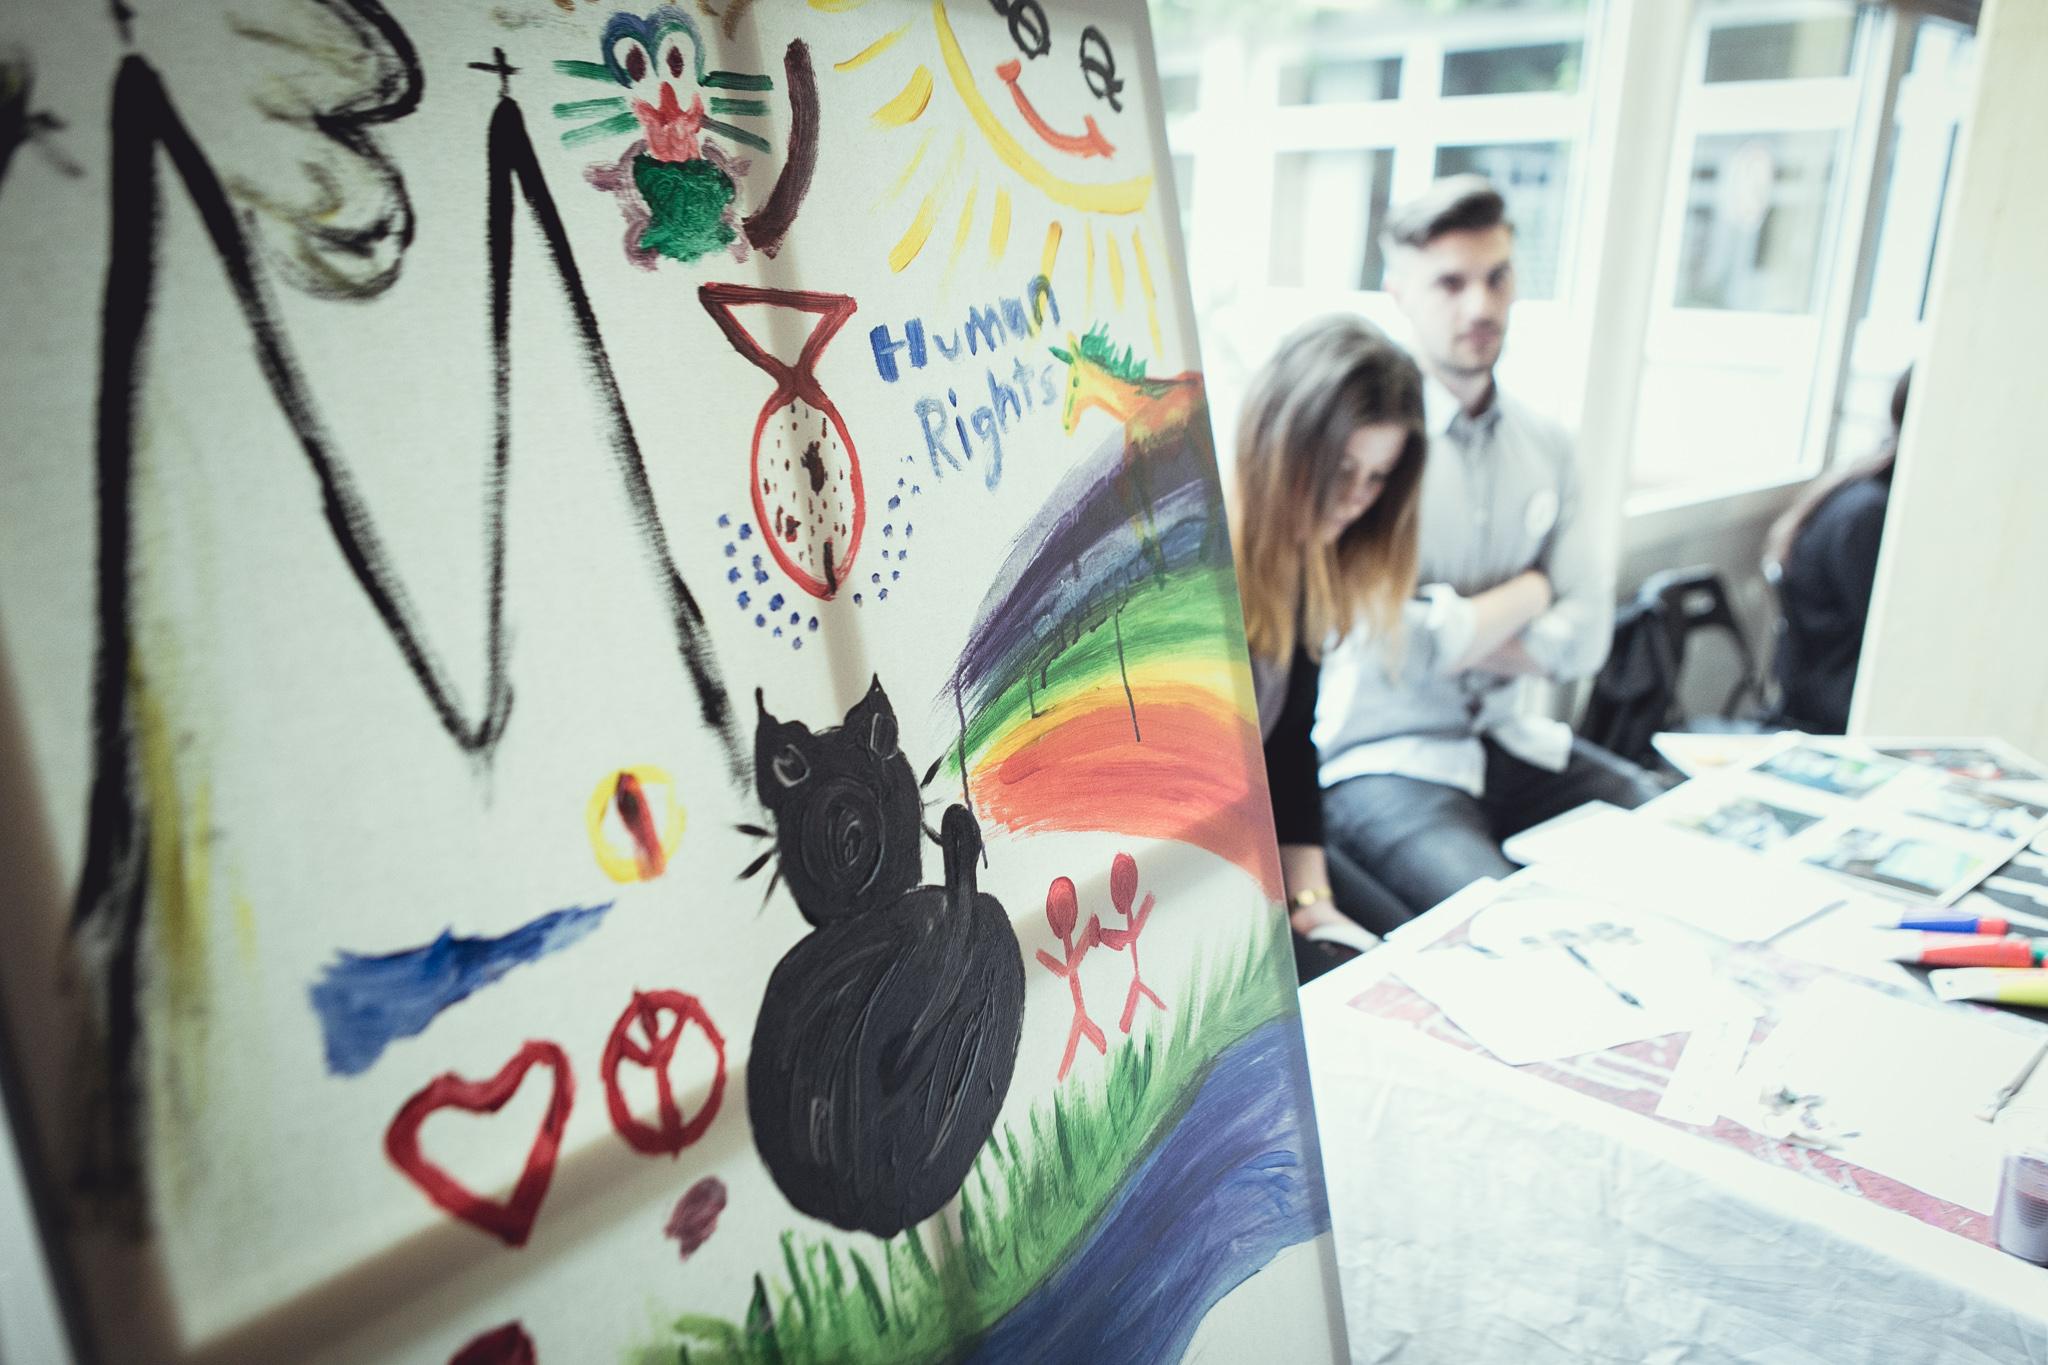 DIE KRAFT DER KUNST – Wie junge Menschen kulturelle Brücken bauen